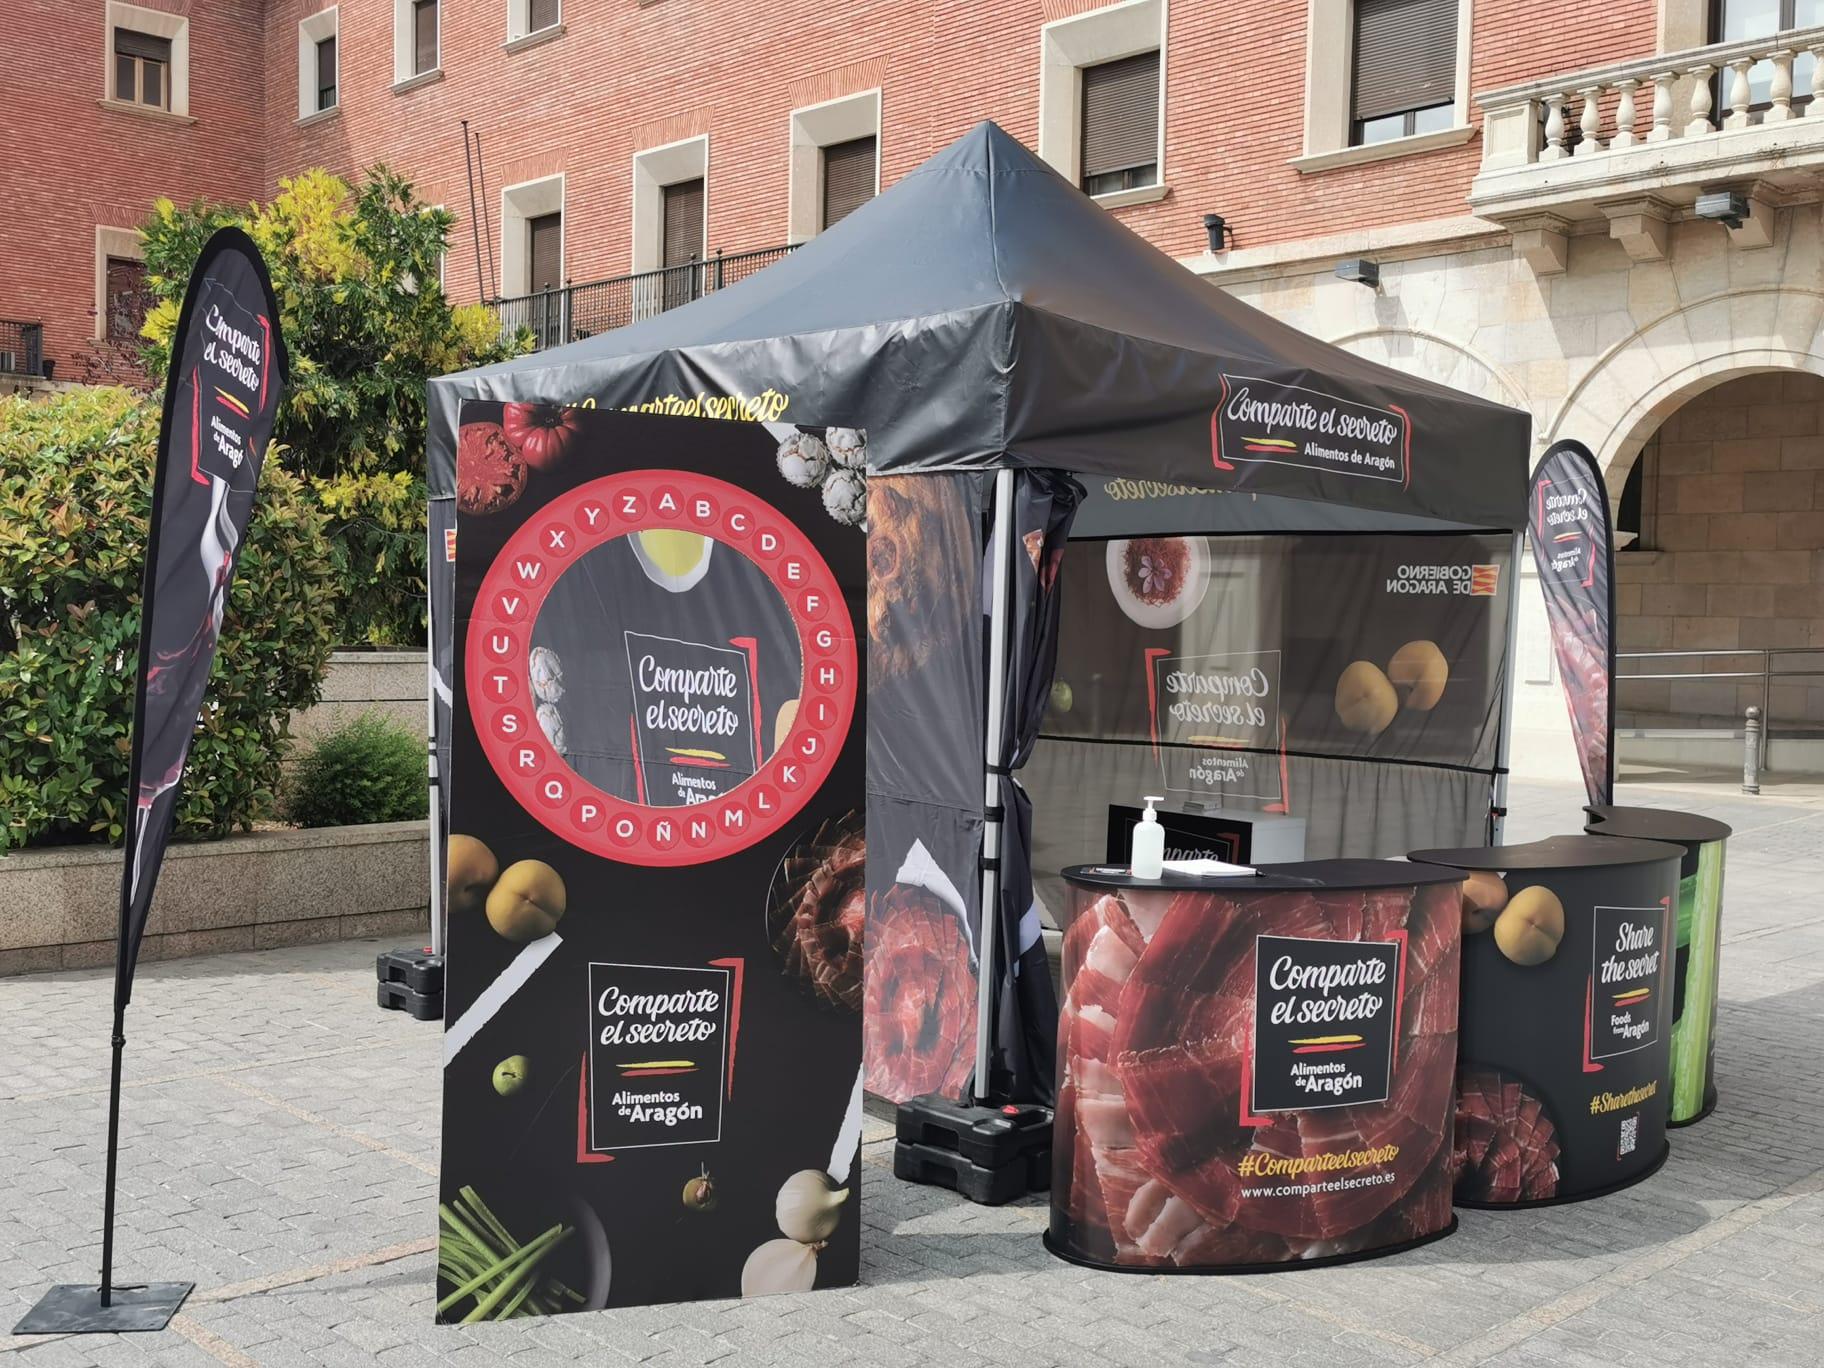 Carpa Aragón Alimentos junto a exposición Turismo de Aragón